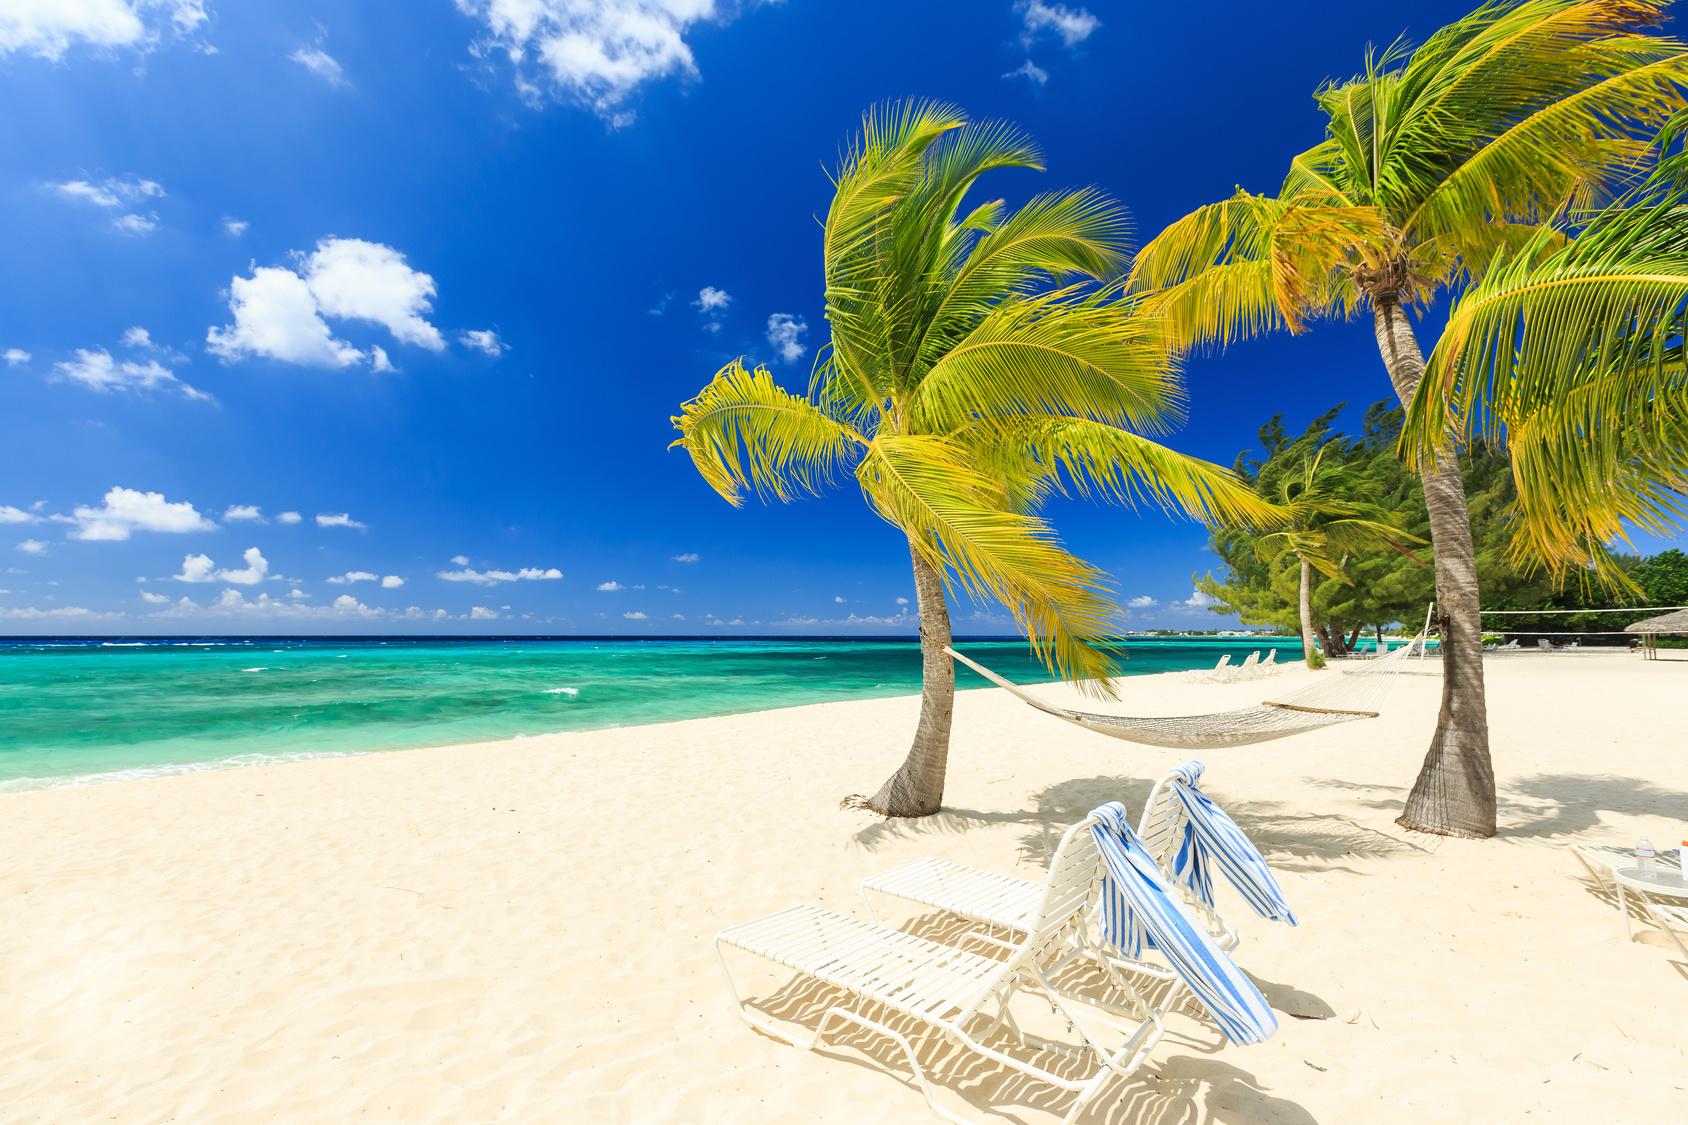 islas caimán. islas paradisiacas